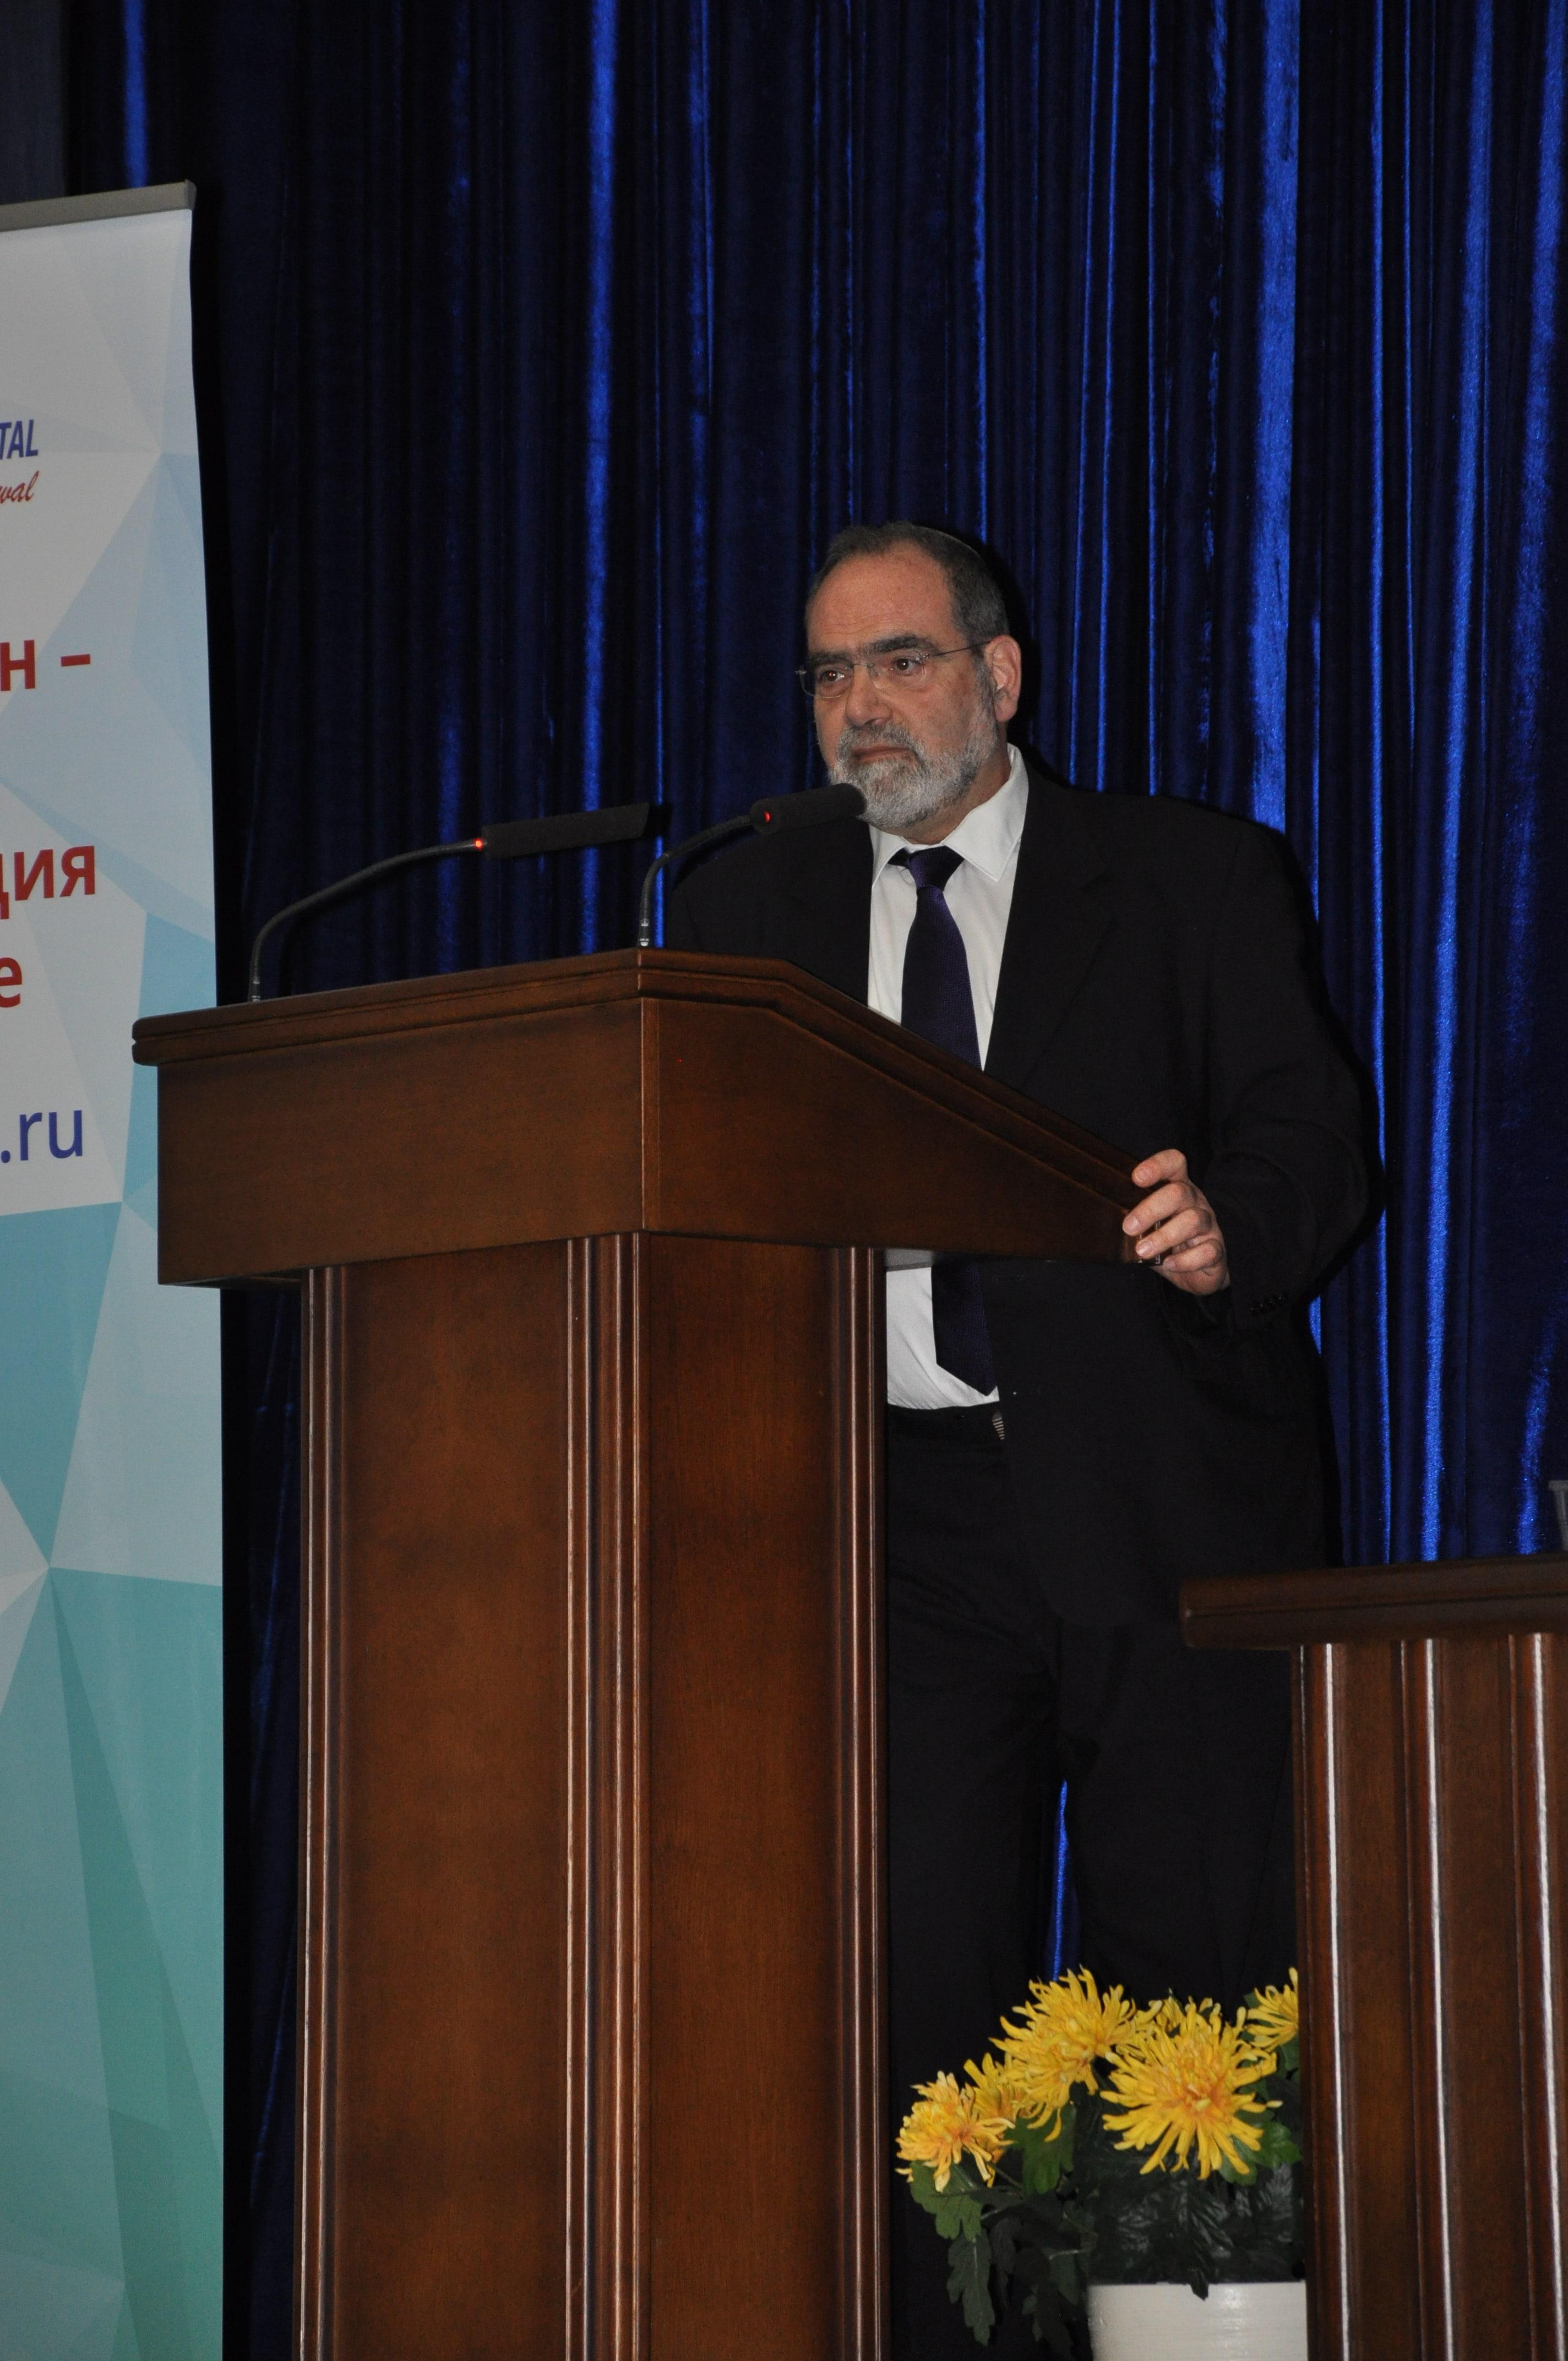 Семінар фахівців ізраїльського реабілітаційного центру «Бейт Левинштейн»